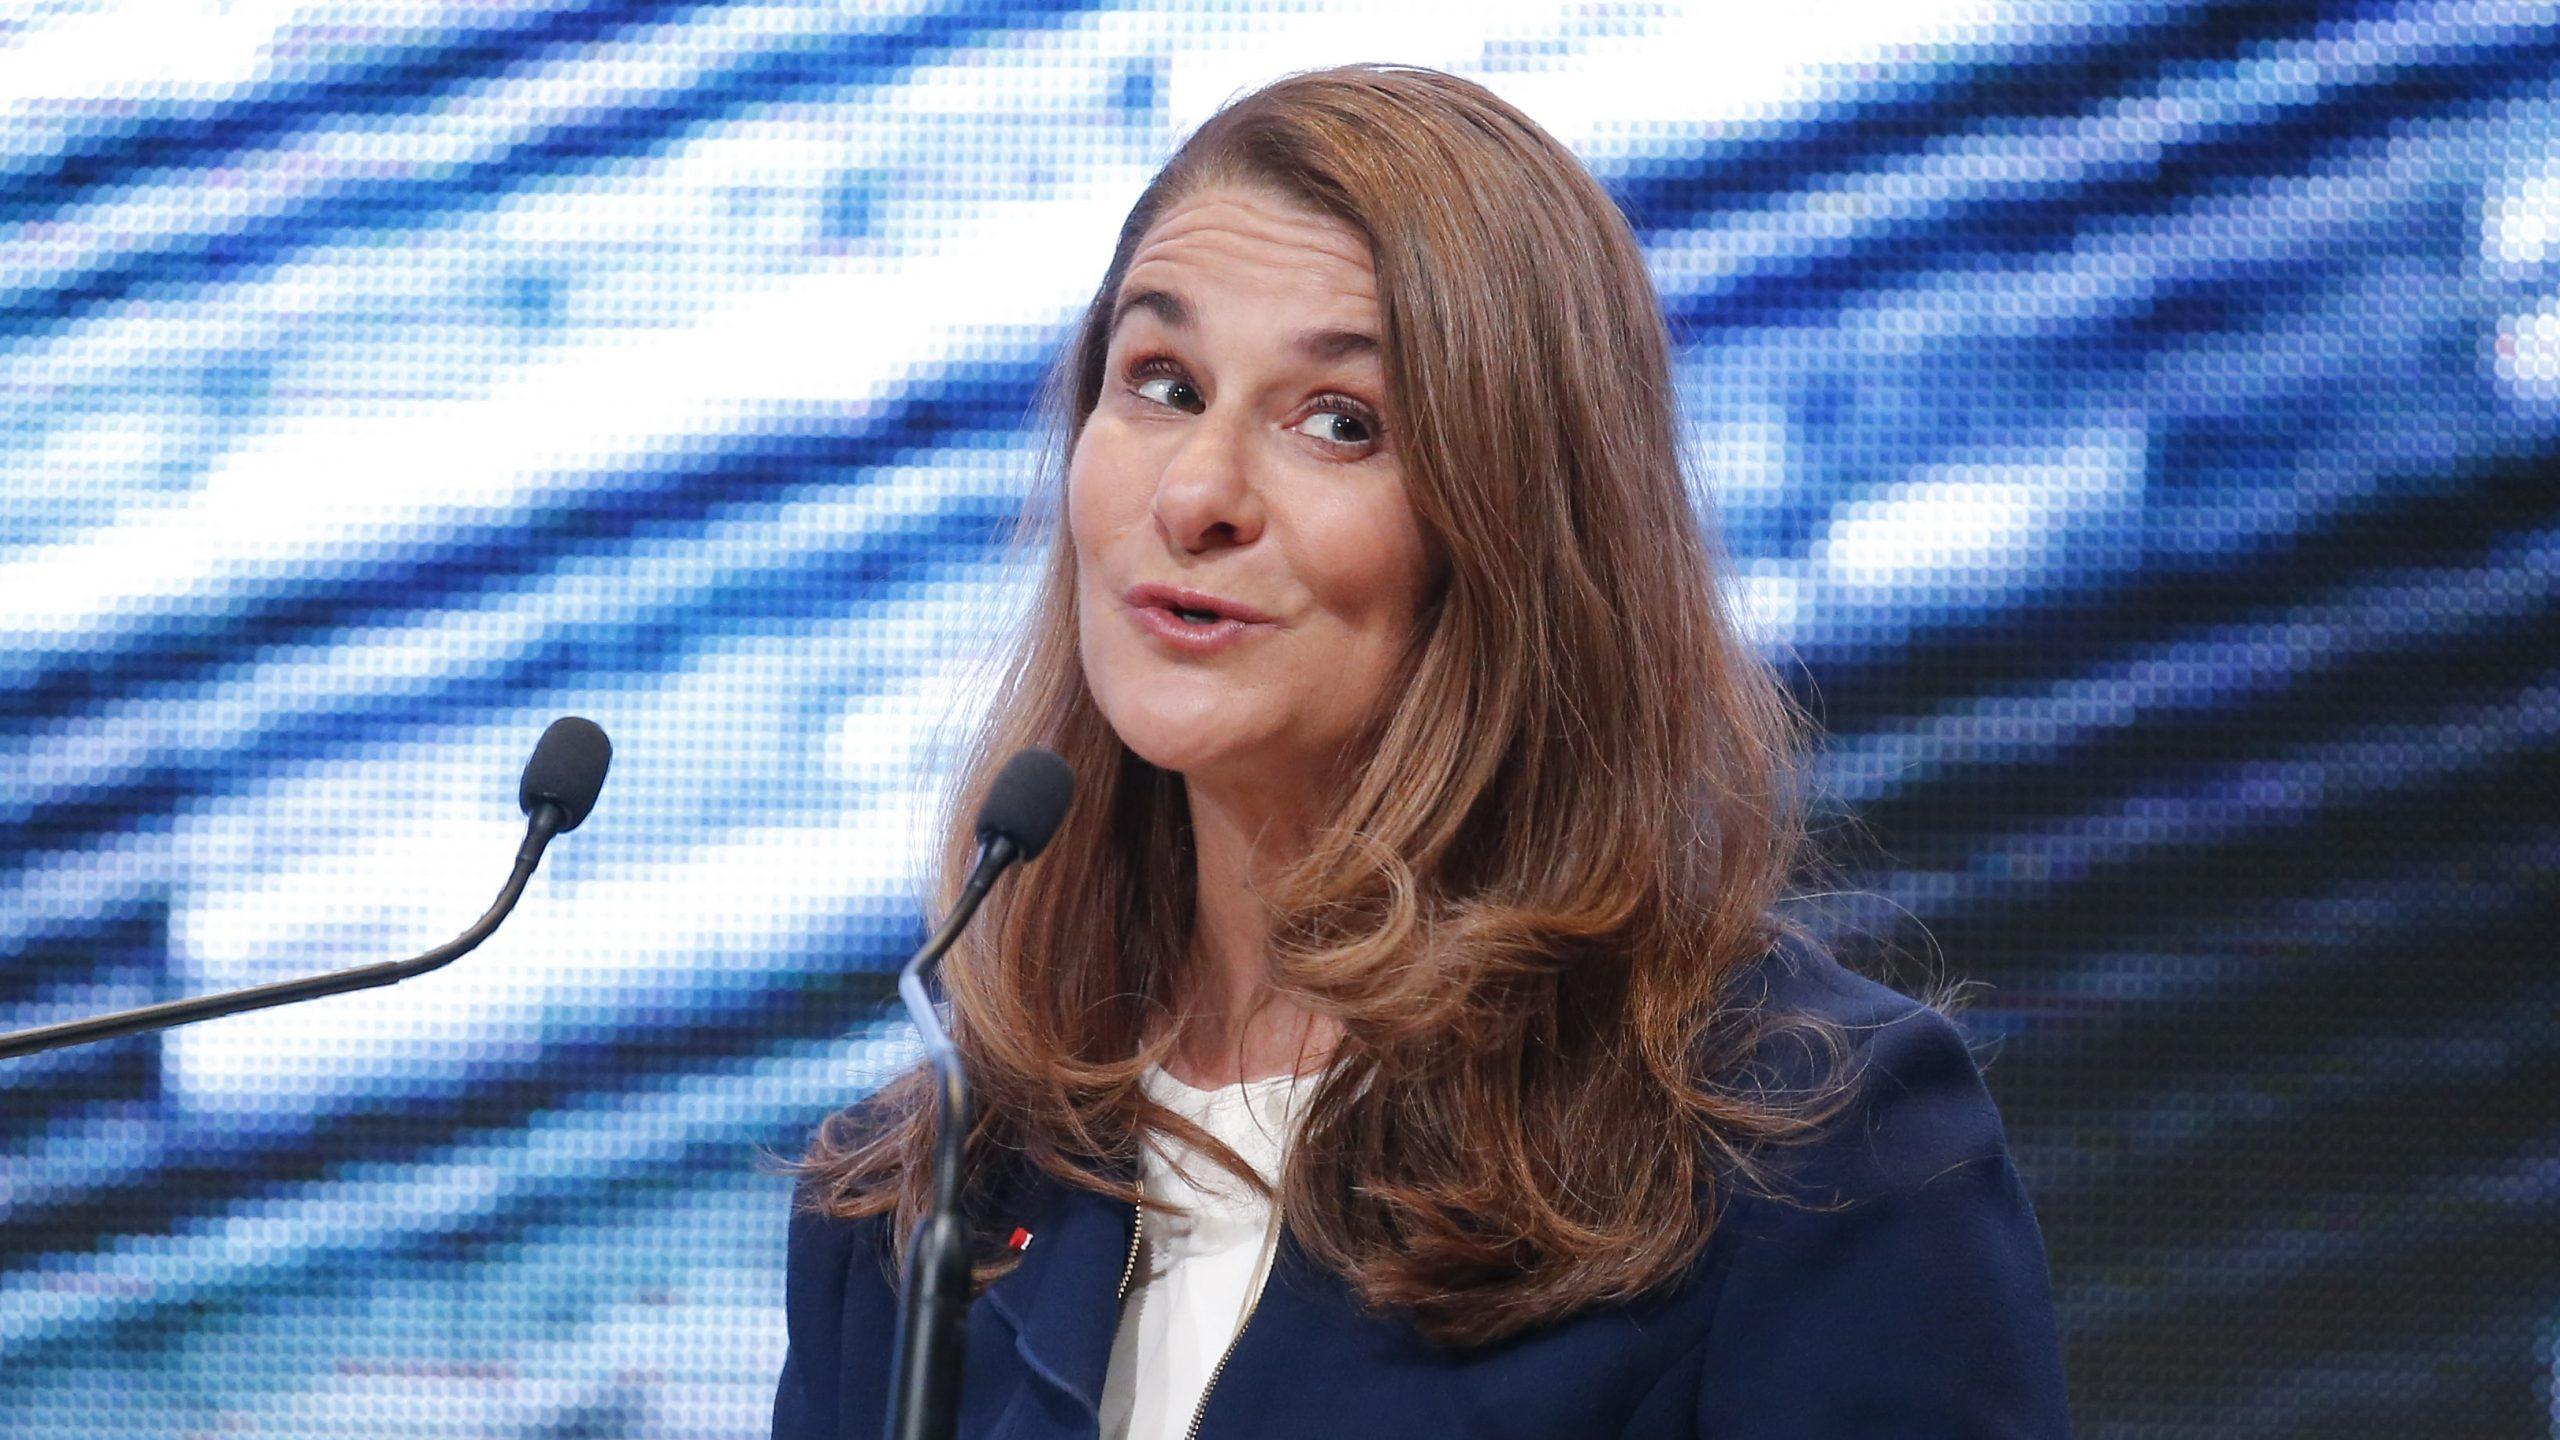 Tras transferencia de acciones de Bill, Melinda Gates ya tiene al menos 1,800 mdd